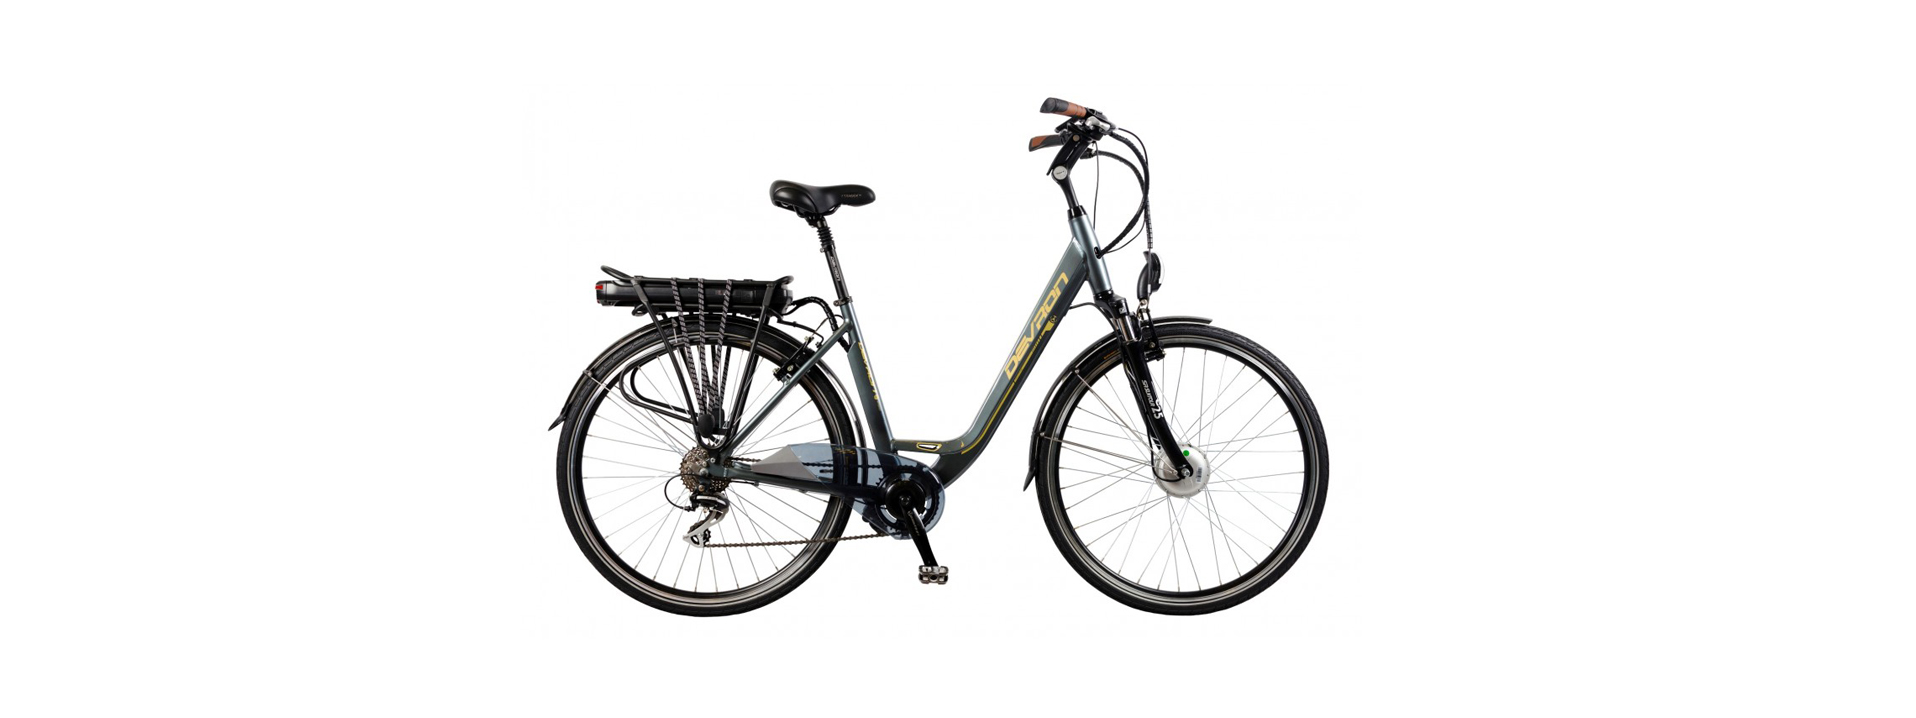 E-City Bike - Motor 36V, 250W, 70km autonomieCadru aluminium, 8 viteze, V-brake Tektro100 lei/zi